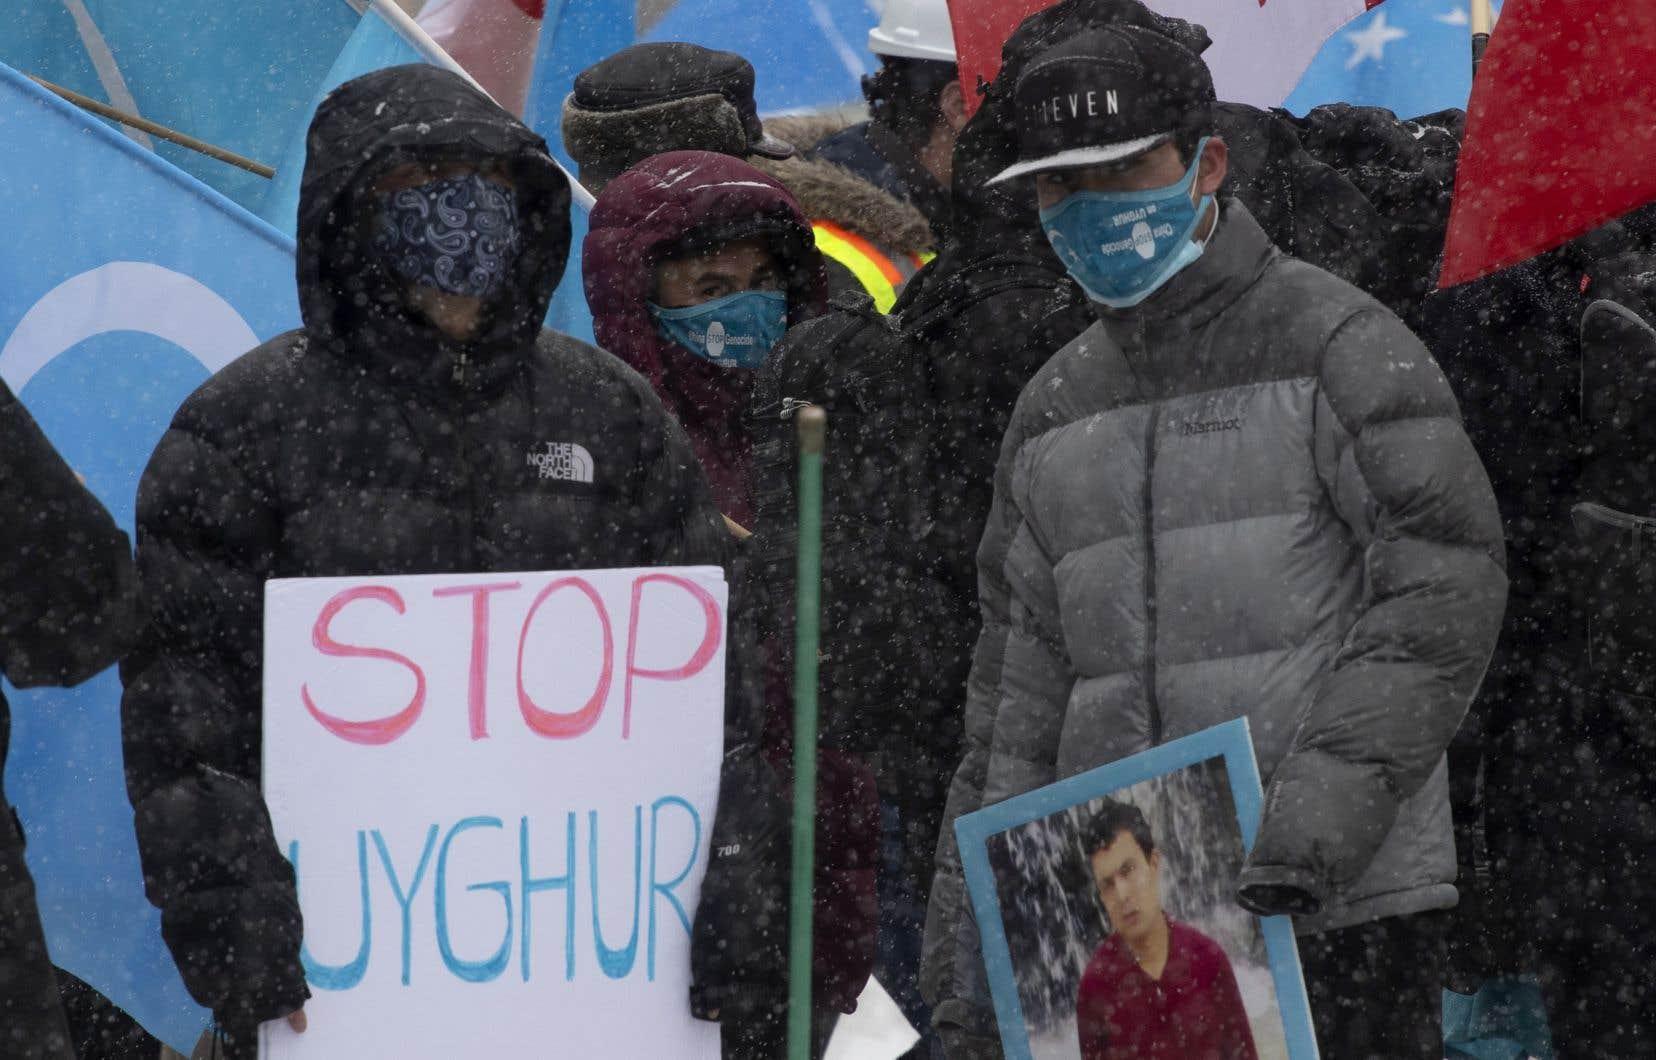 Des manifestants se sont réunis devant le Parlement à Ottawa, lundi, pour inciter les élus à reconnaître le traitement réservé aux Ouïghours comme un génocide.